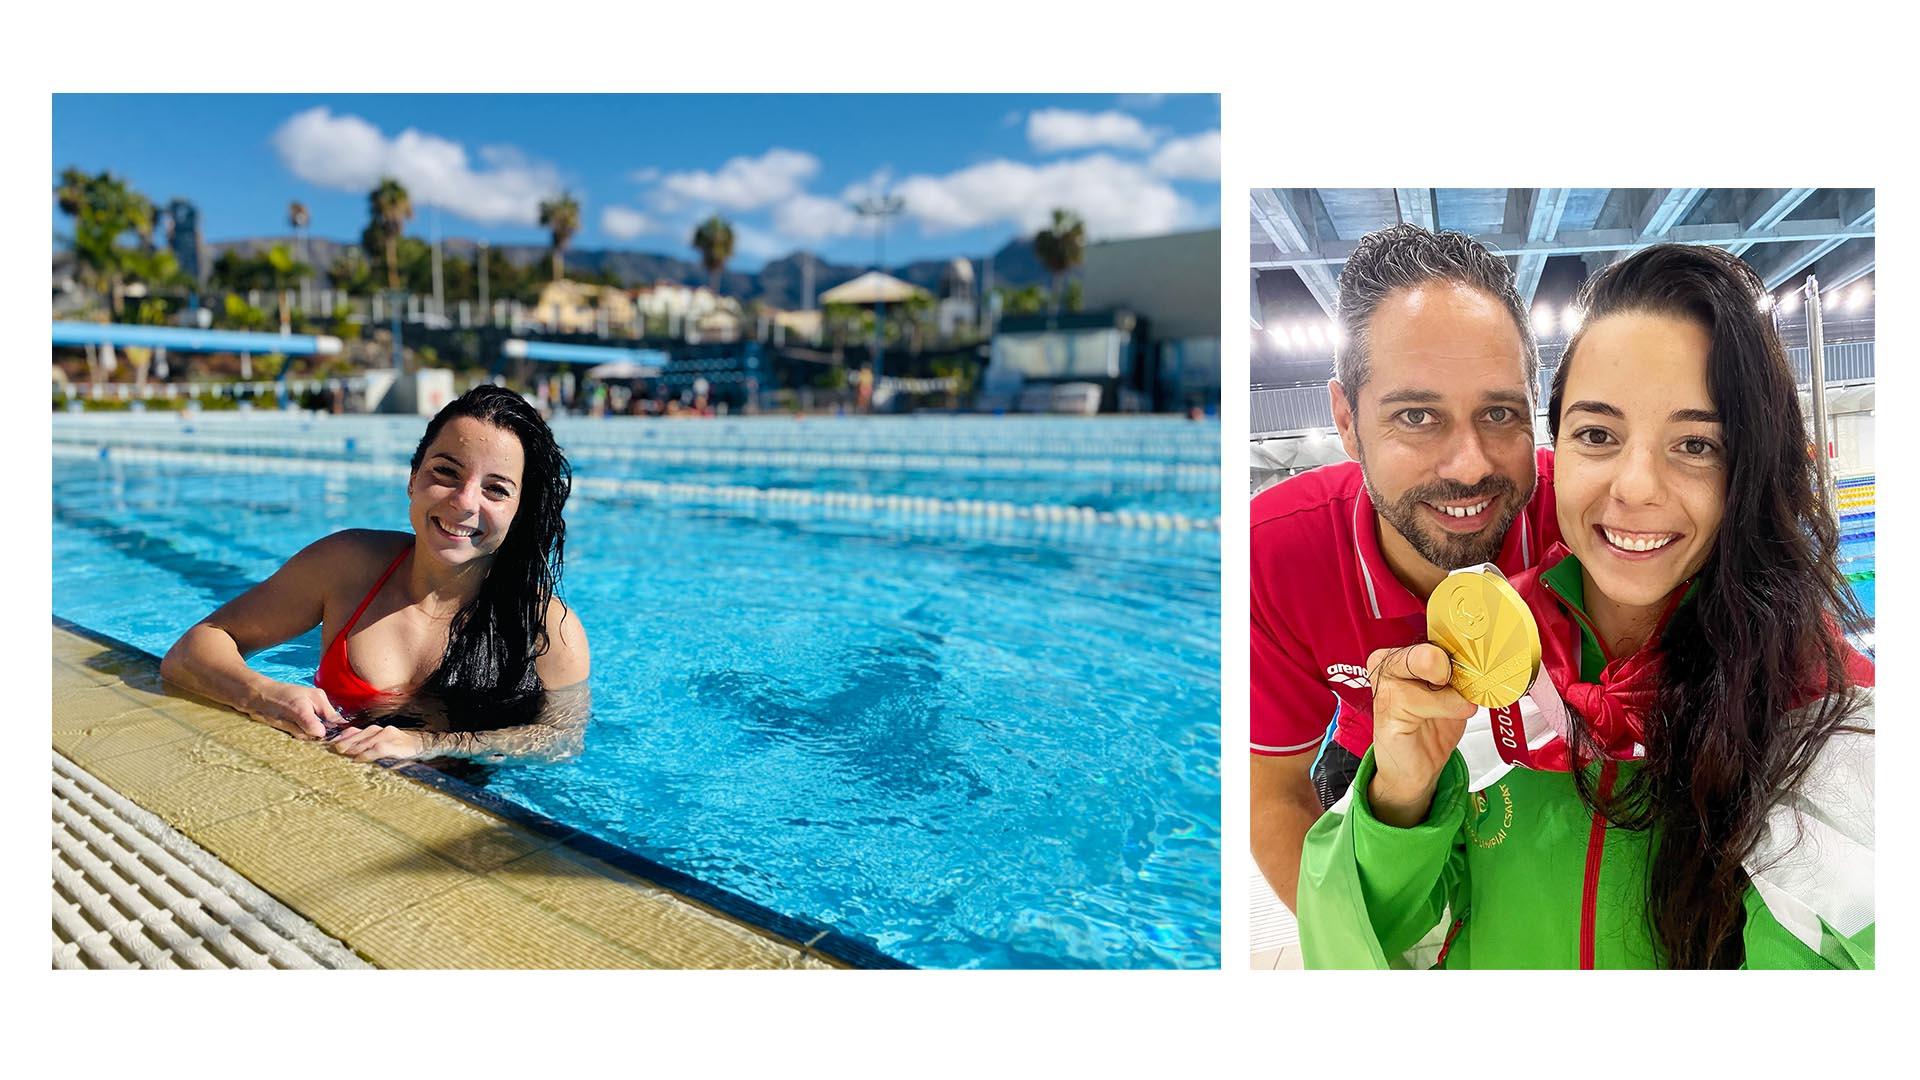 aranyérem családalapítás gerincferdülés illés fanni mellúszás ötkarikás játékok paralimpia paralimpiai bajnok paraúszók szabó álmos tokió ványik dóra